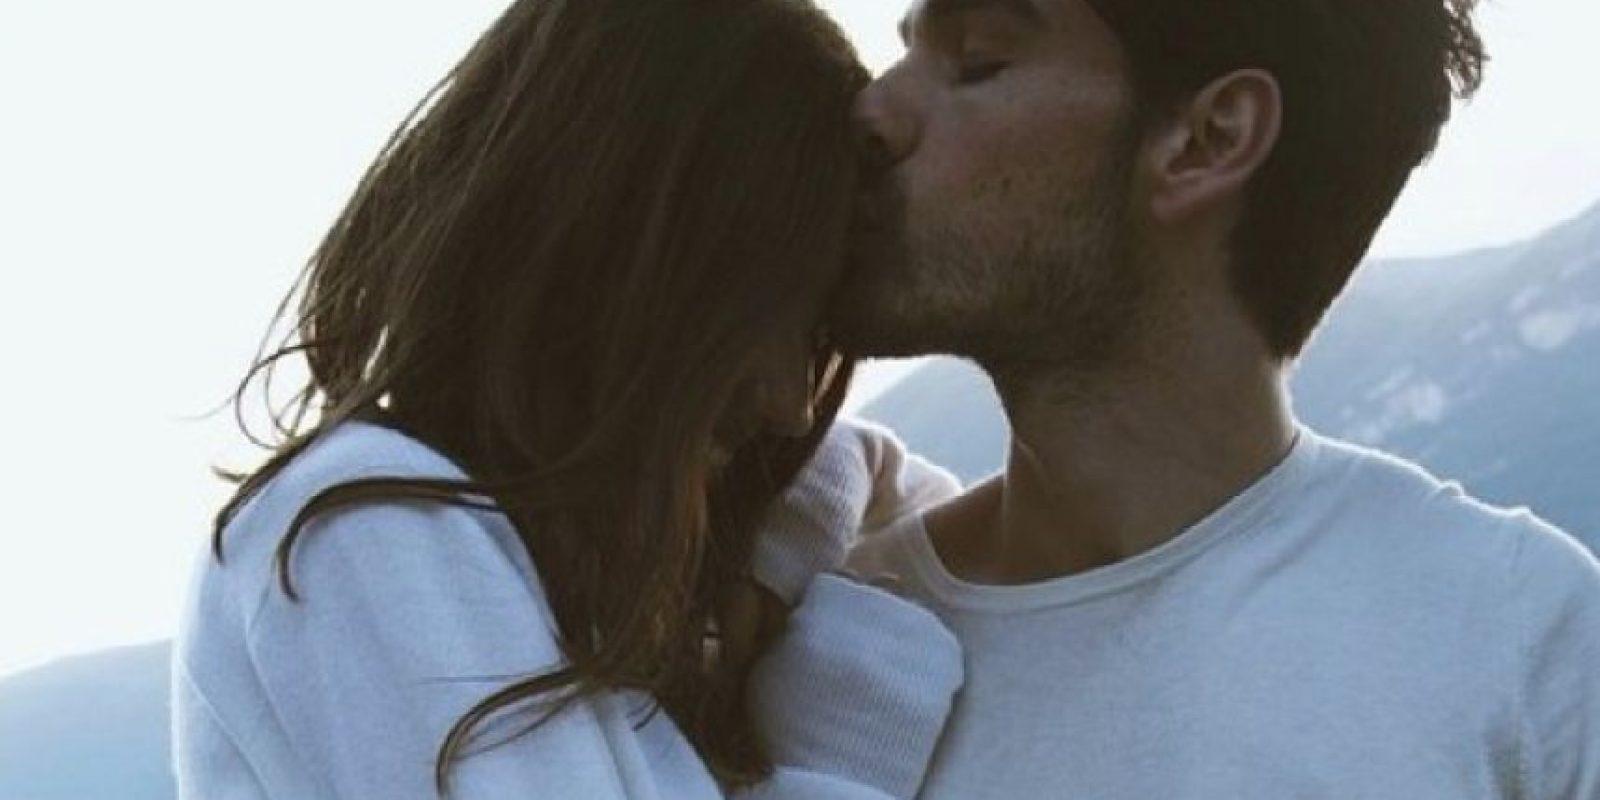 En ocasiones buscas por mucho tiempo una pareja ideal y puedes dejar pasar buenas personas estando inmerso en tu búsqueda. Foto:Tumblr.com/tagged-amor-sexo